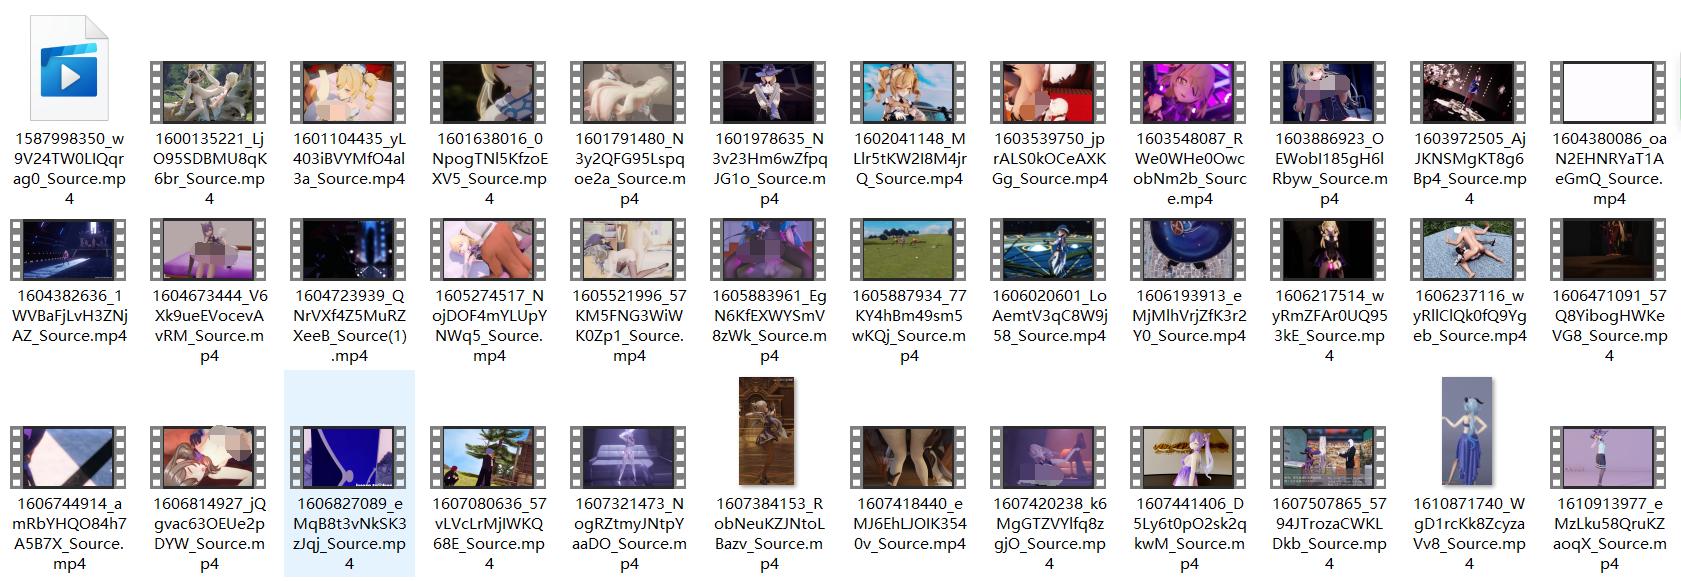 【R-18mmd】原神系列mmd(4.68GB)